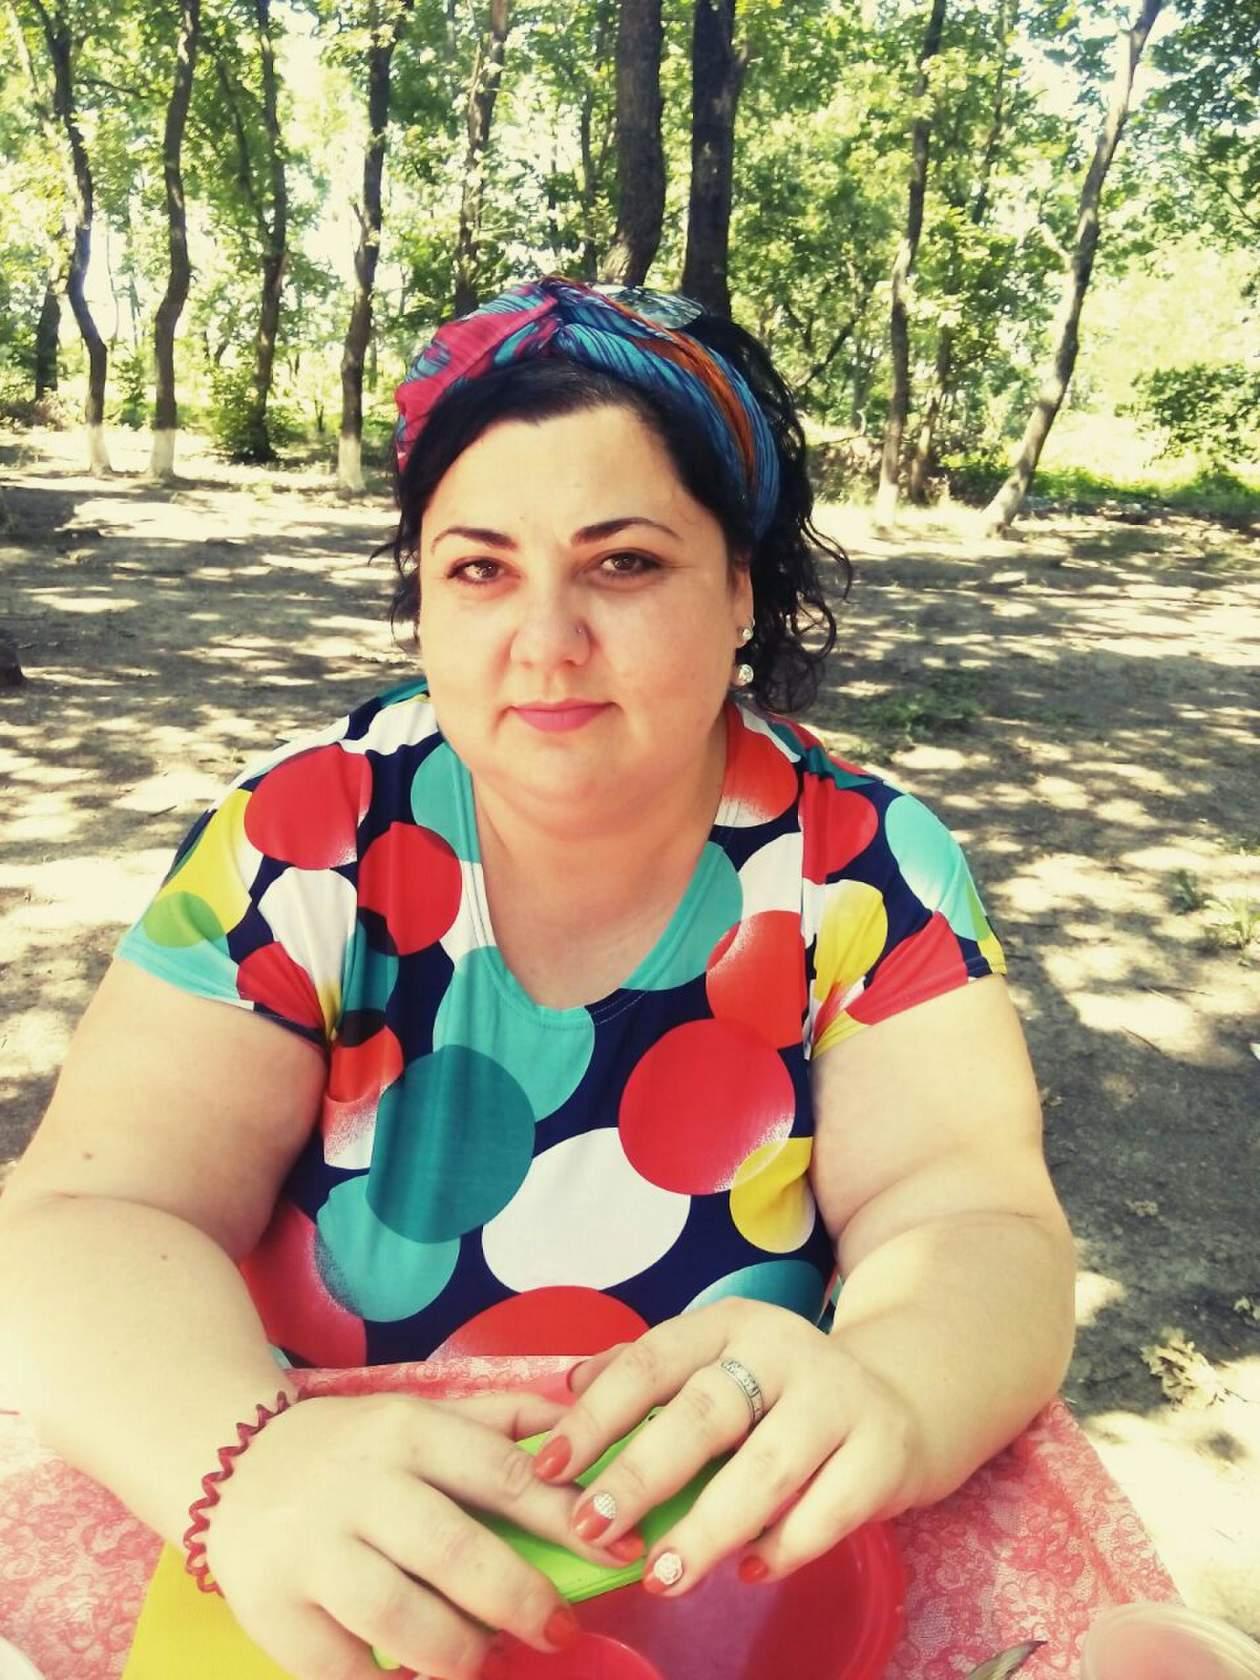 знакомства для полных девушек москва